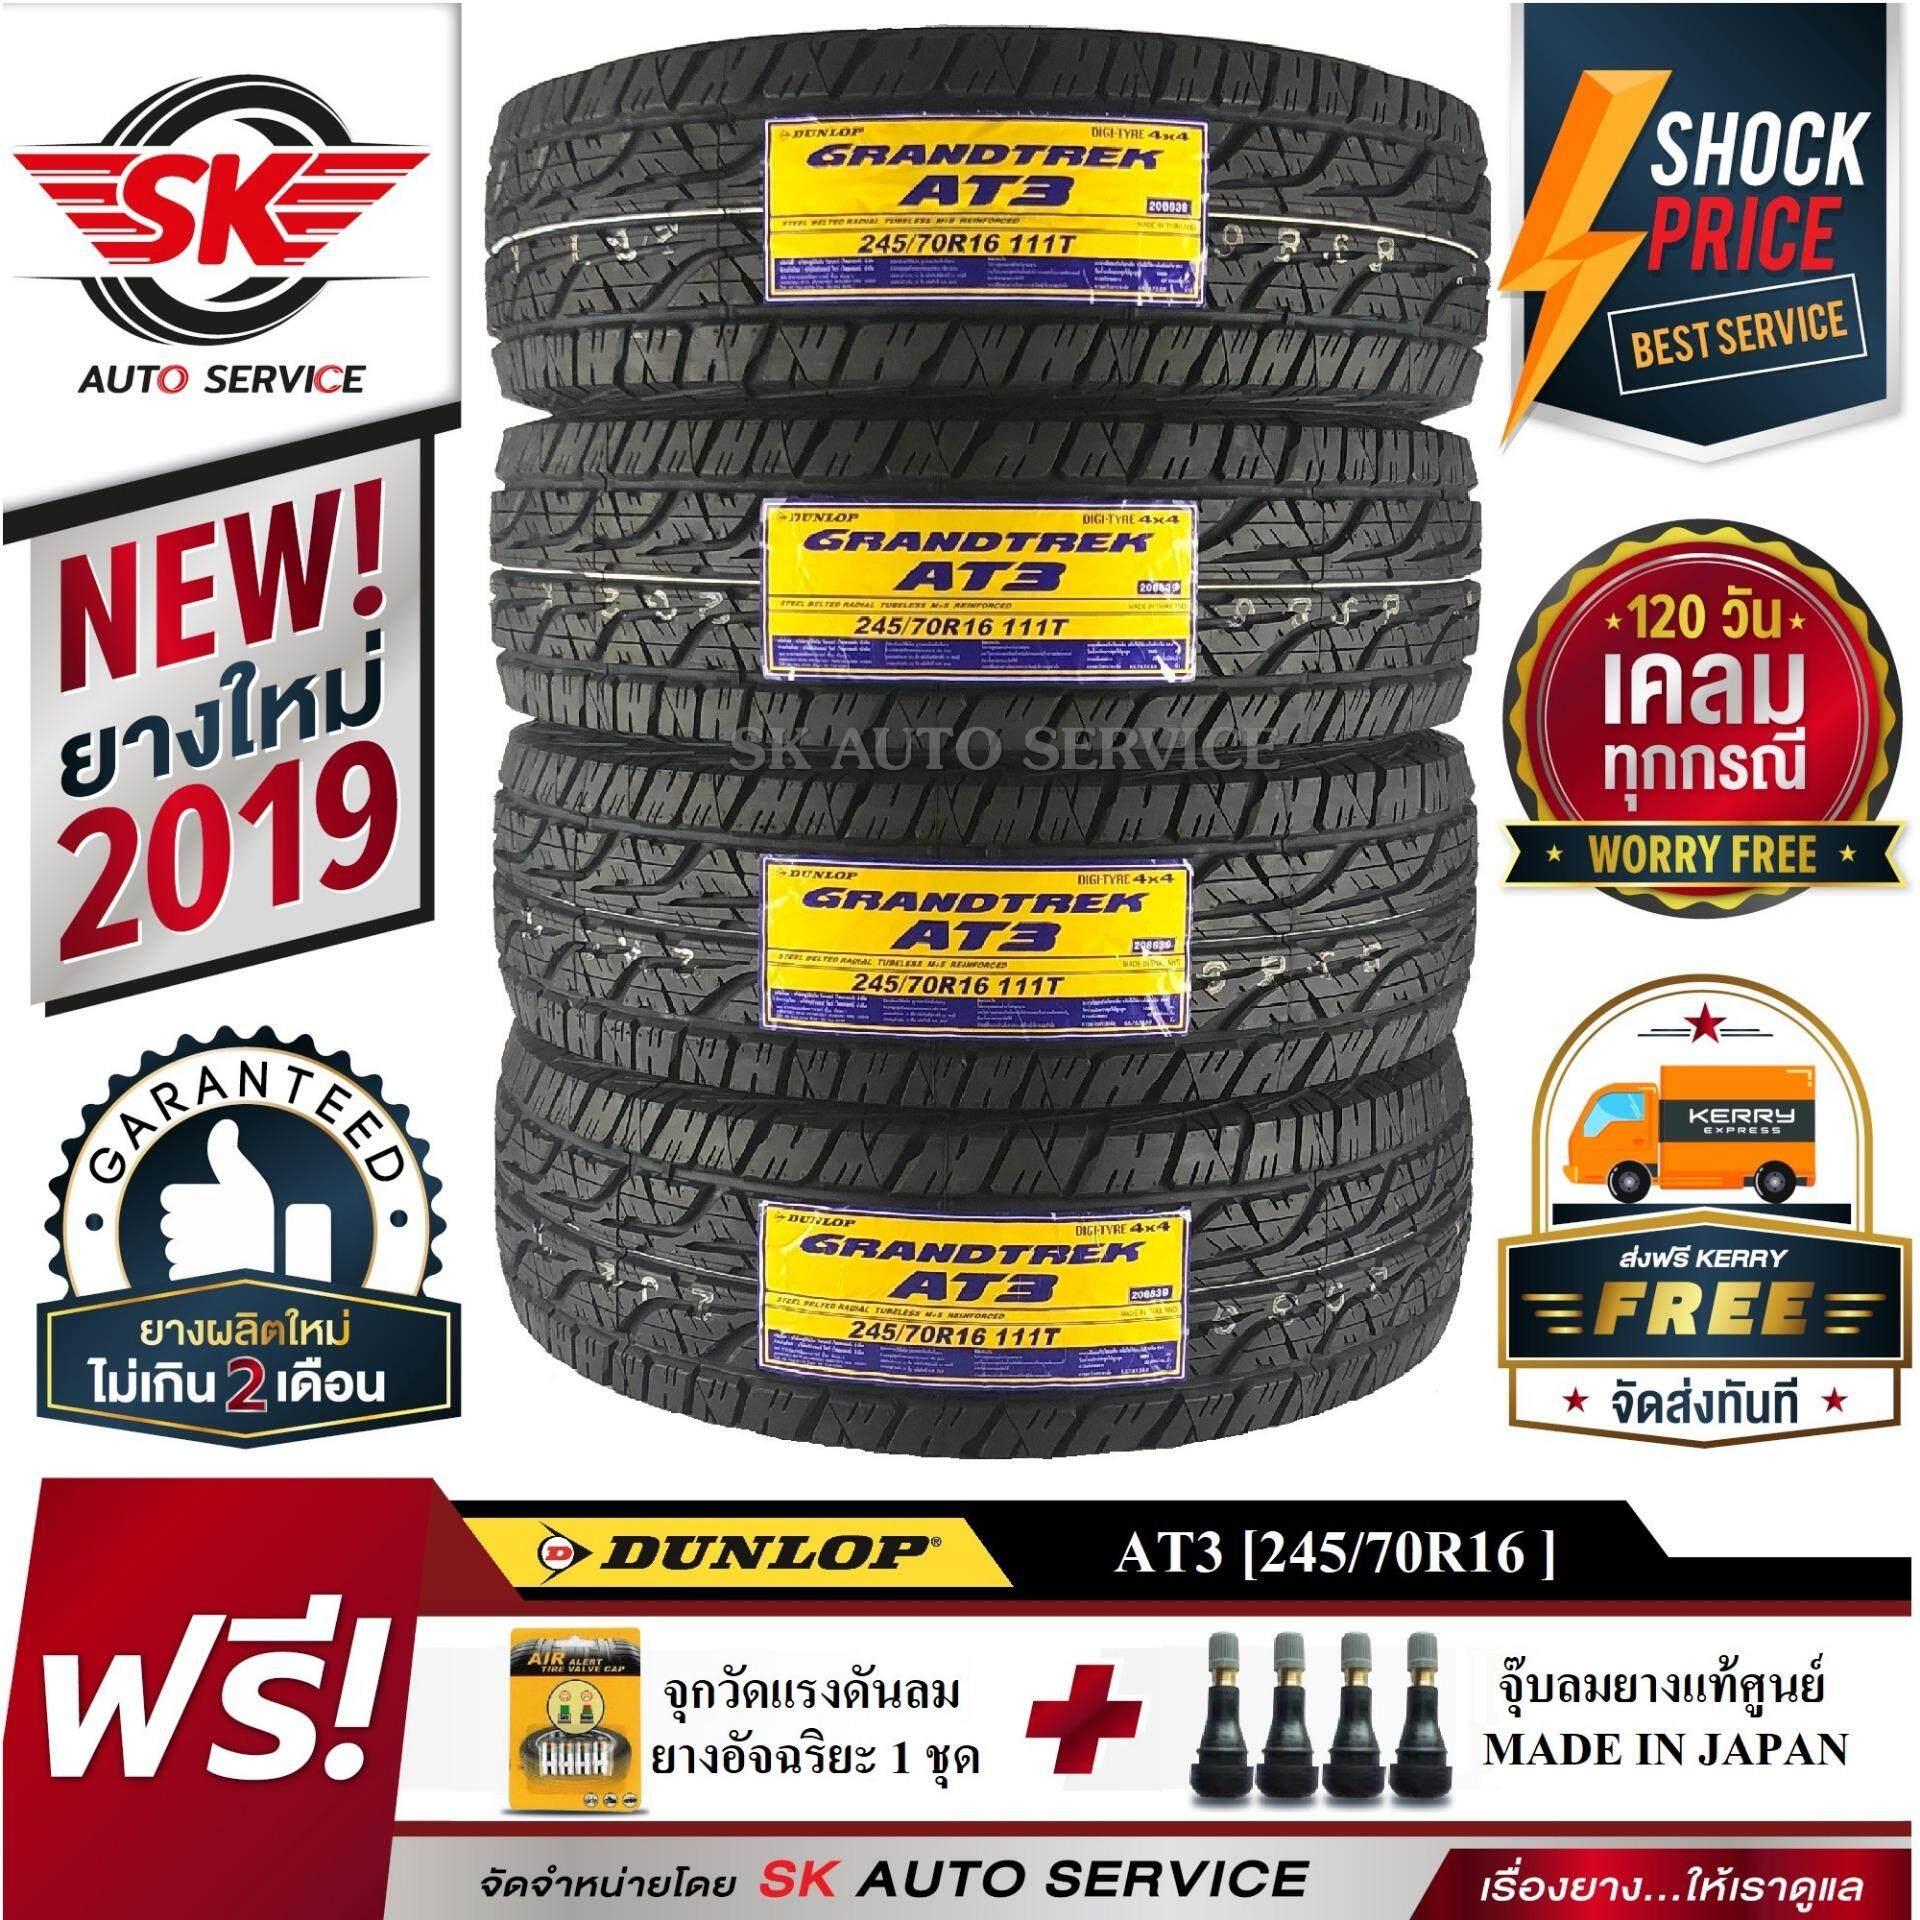 กาญจนบุรี DUNLOP ยางรถยนต์ รุ่น AT3 245/70R16 (ล้อขอบ16) 4 เส้น (ยางใหม่ปี 2019)